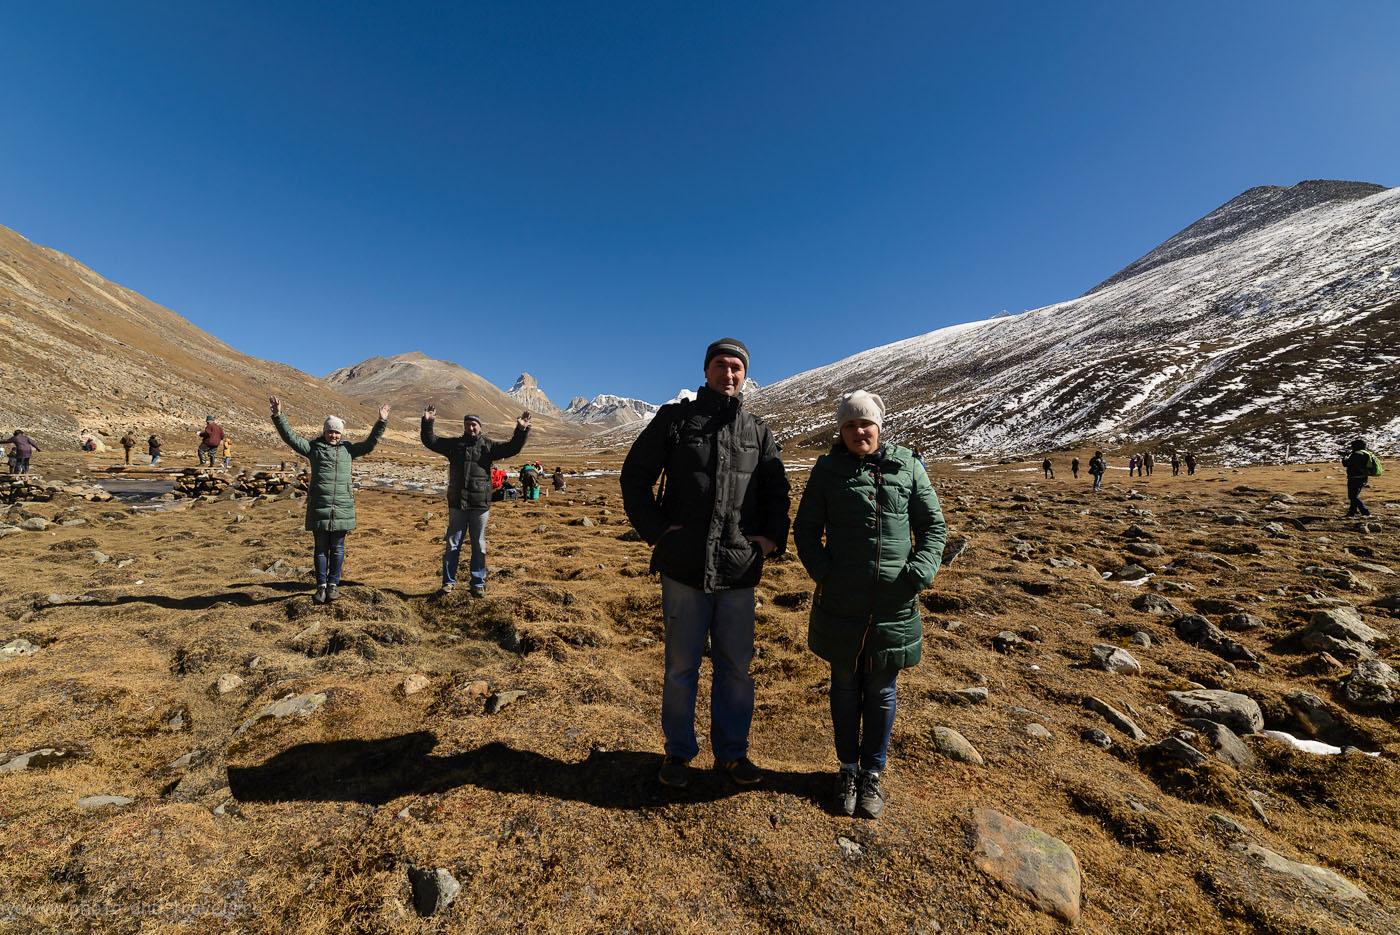 Фотография 5. Как снизить дискомфорт от горной болезни? Вести себя как те туристы, что на переднем плане, а не те, что вдали… Отчет о поездке в Гималаи в Индии.